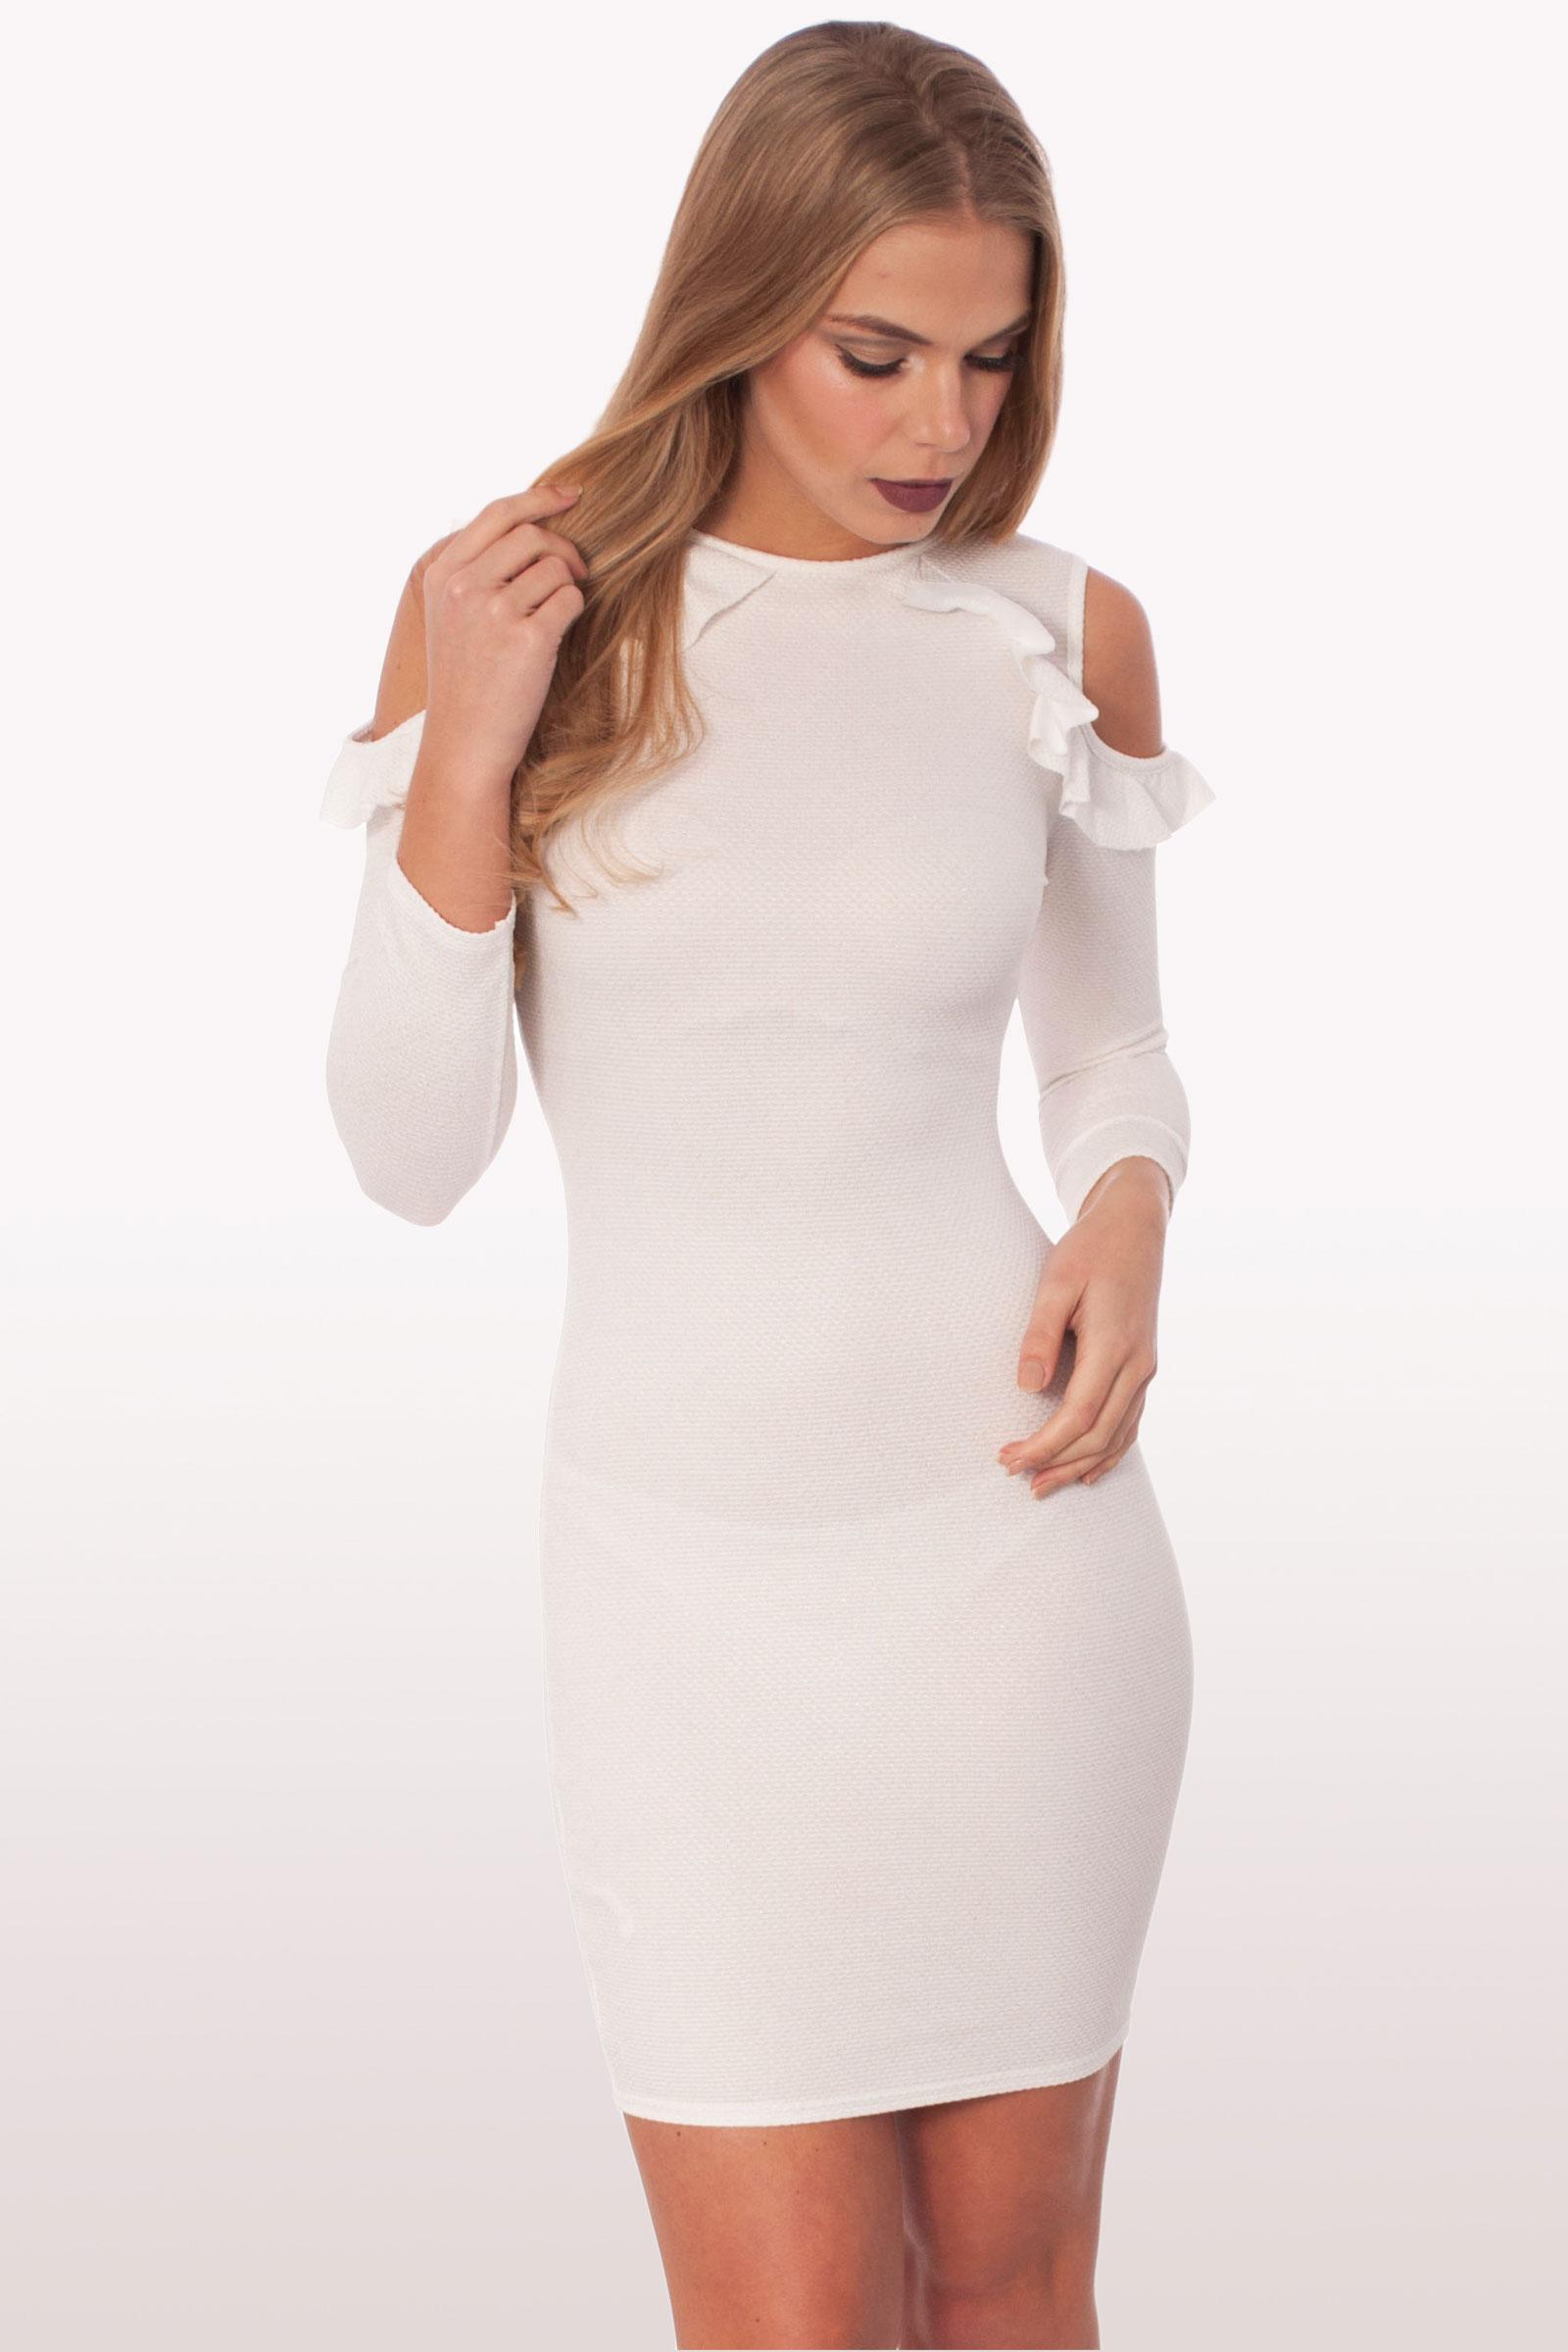 raquel white ruffle bodycon mini dress dresses modamore. Black Bedroom Furniture Sets. Home Design Ideas